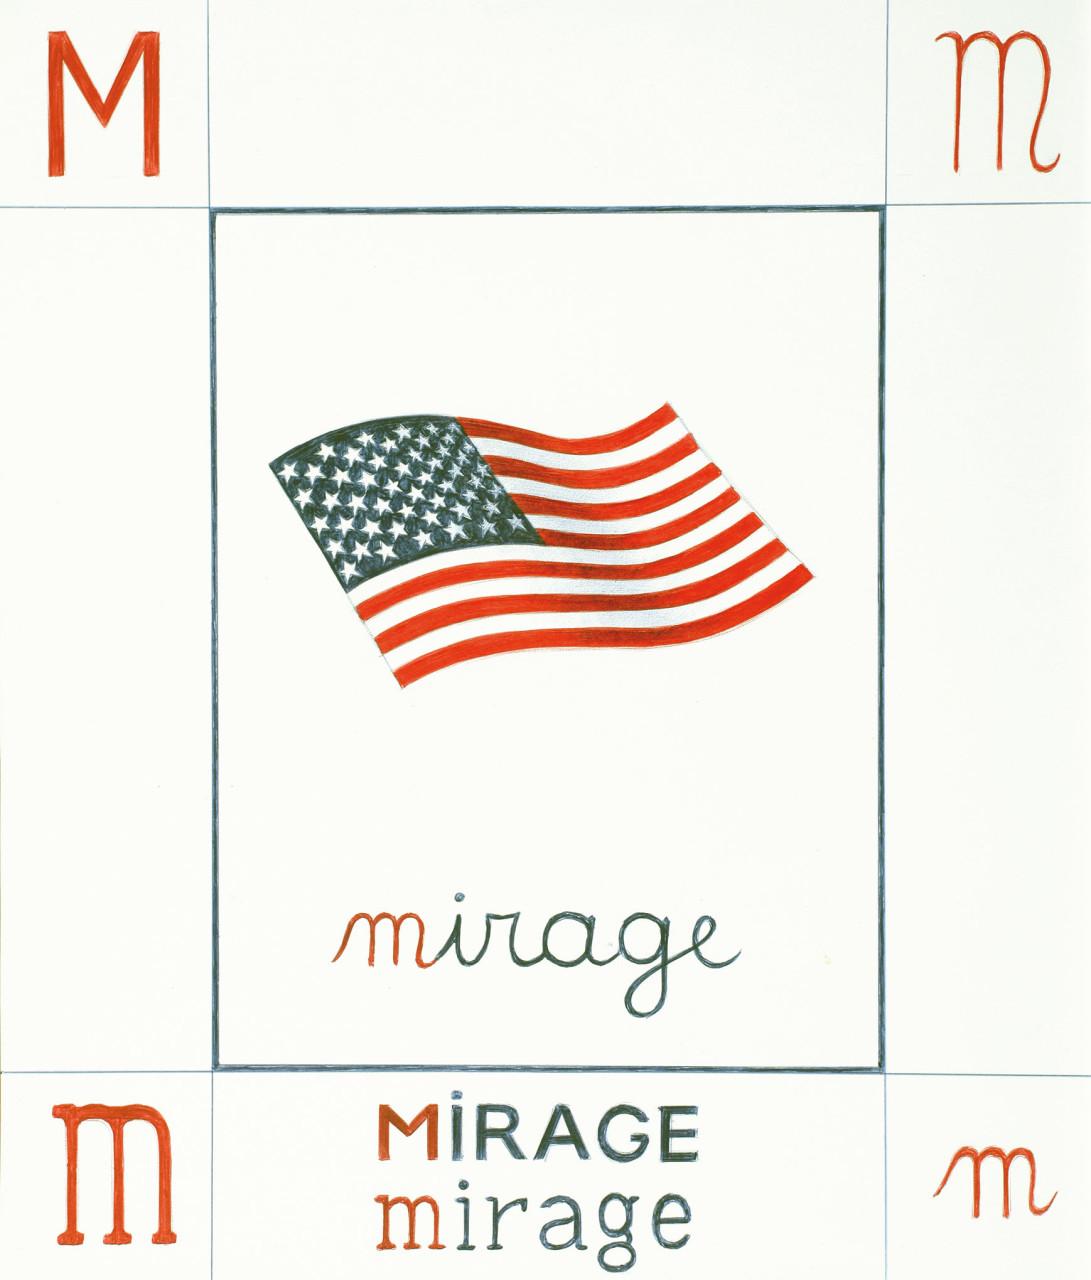 13M-mirage_bassa